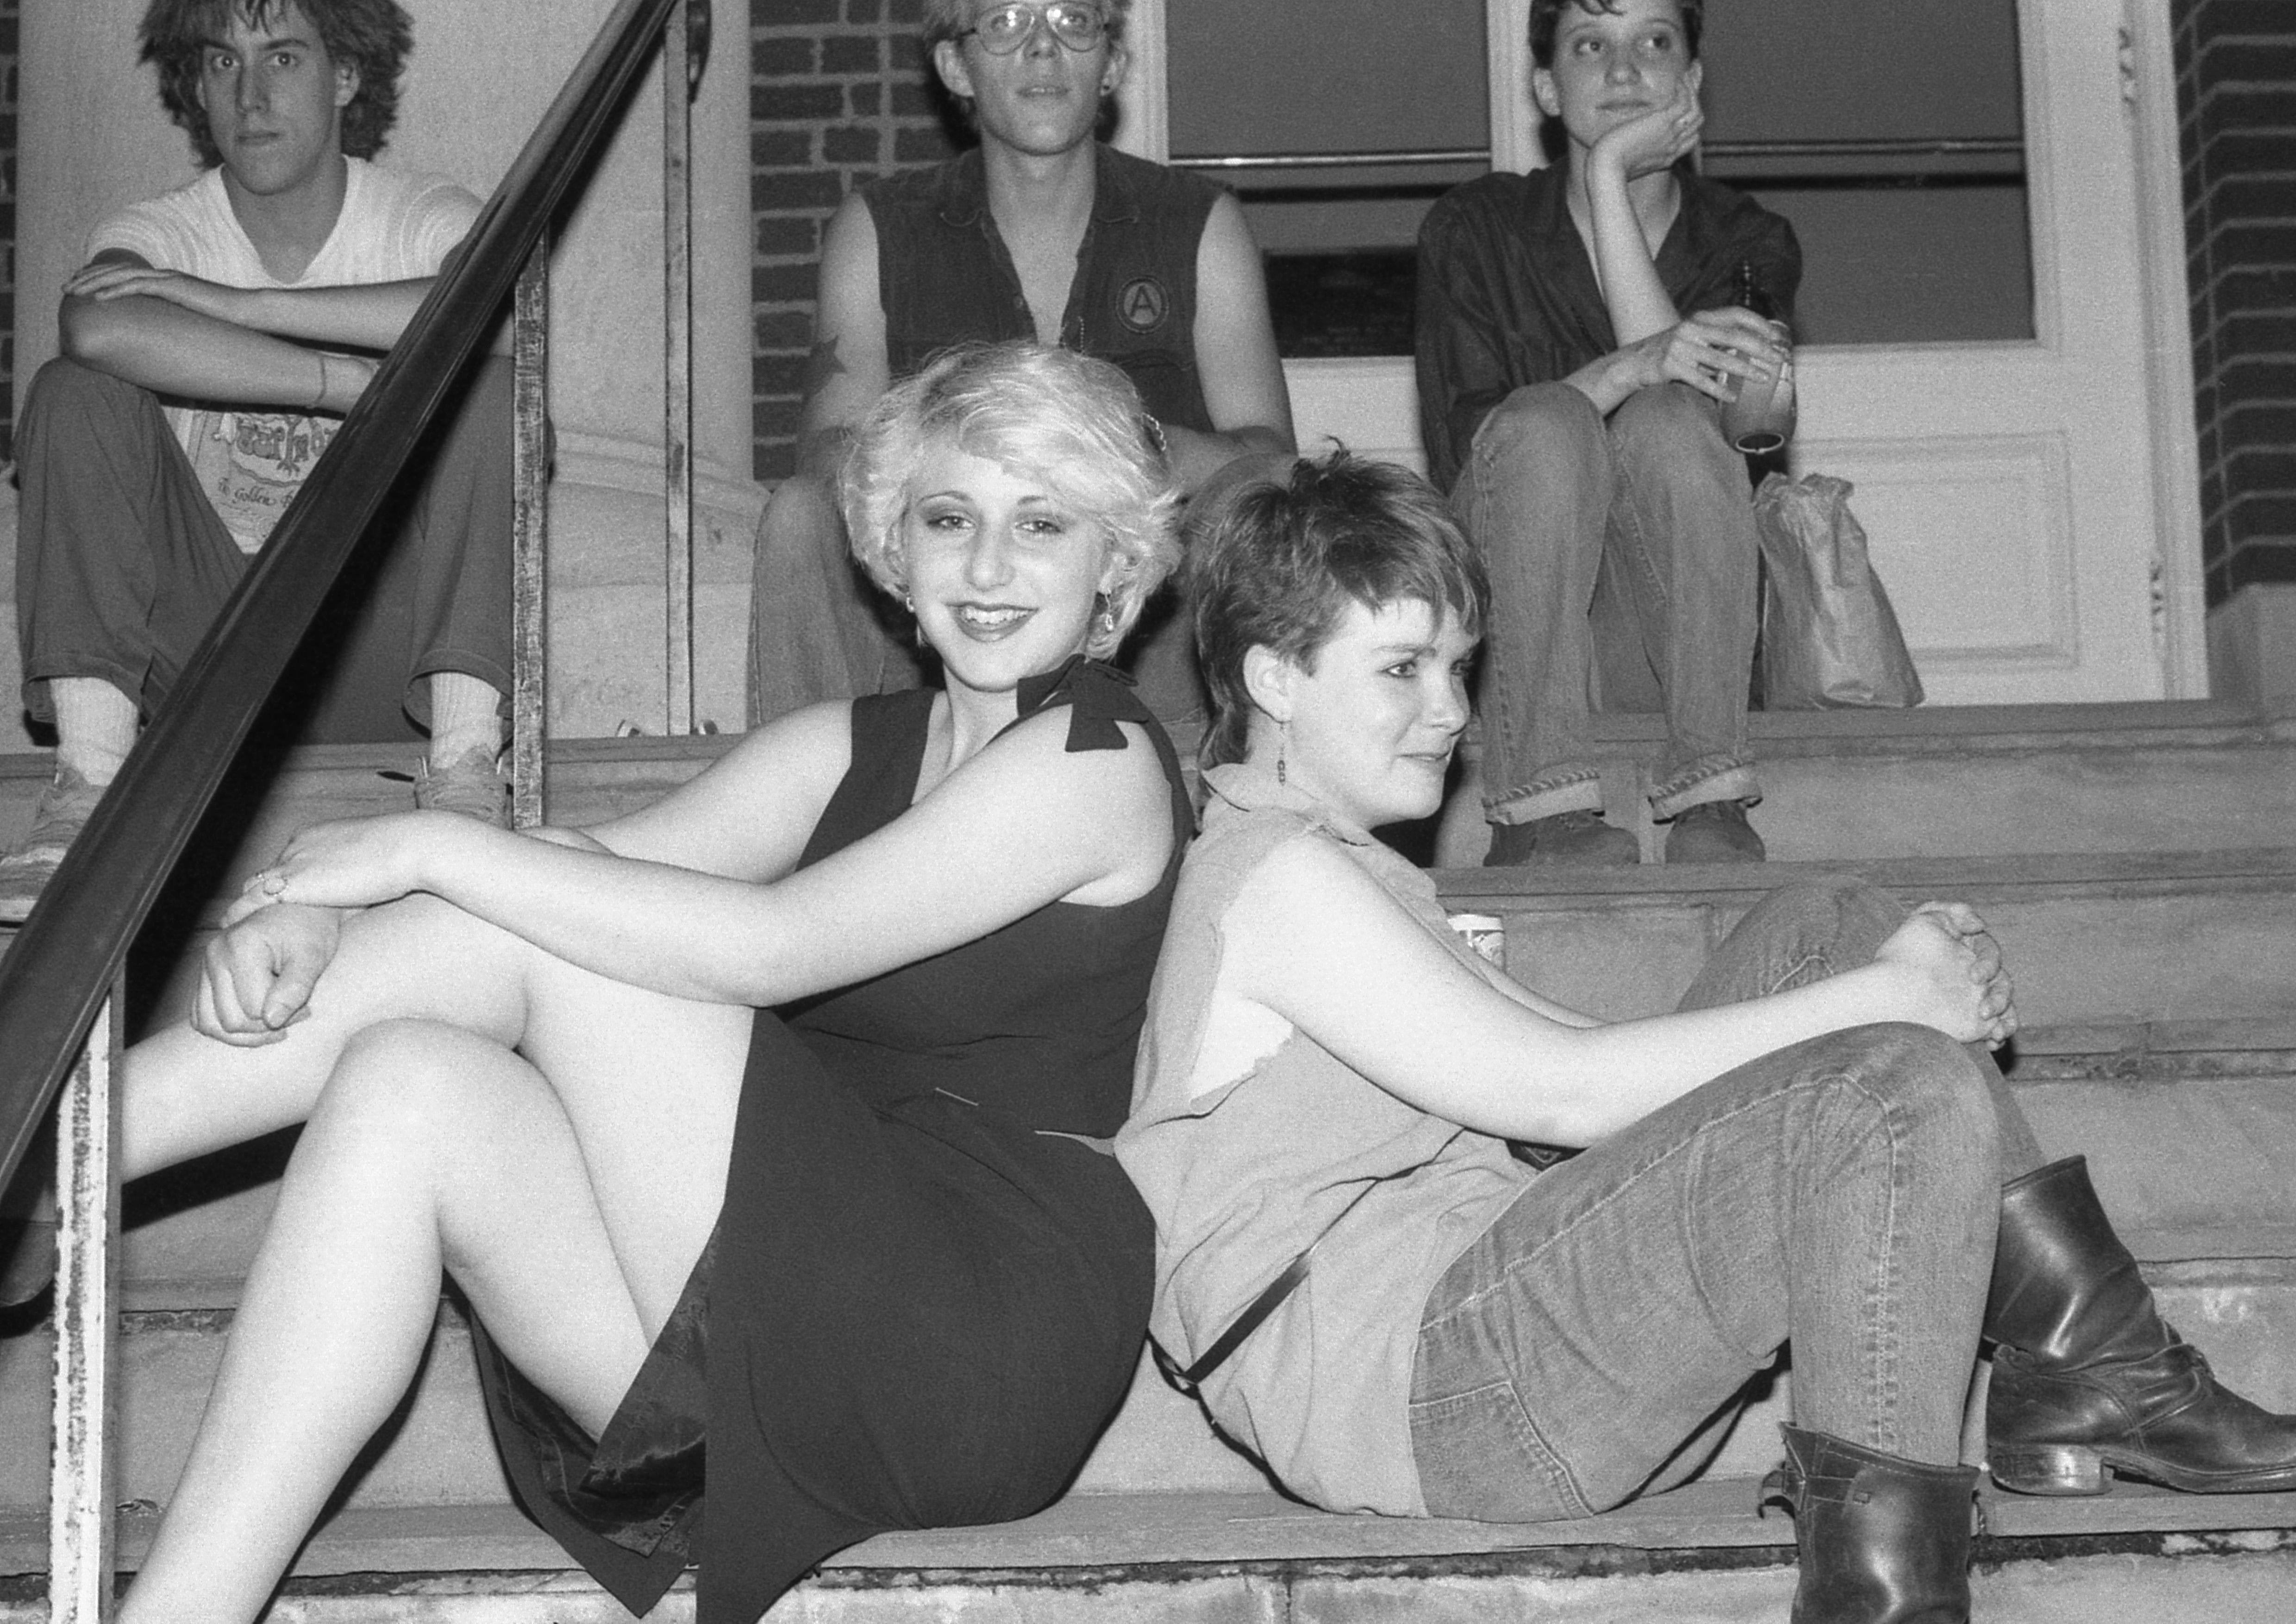 Свингеры 80 х, Любительский секс свингеров 80-х годов 26 фотография